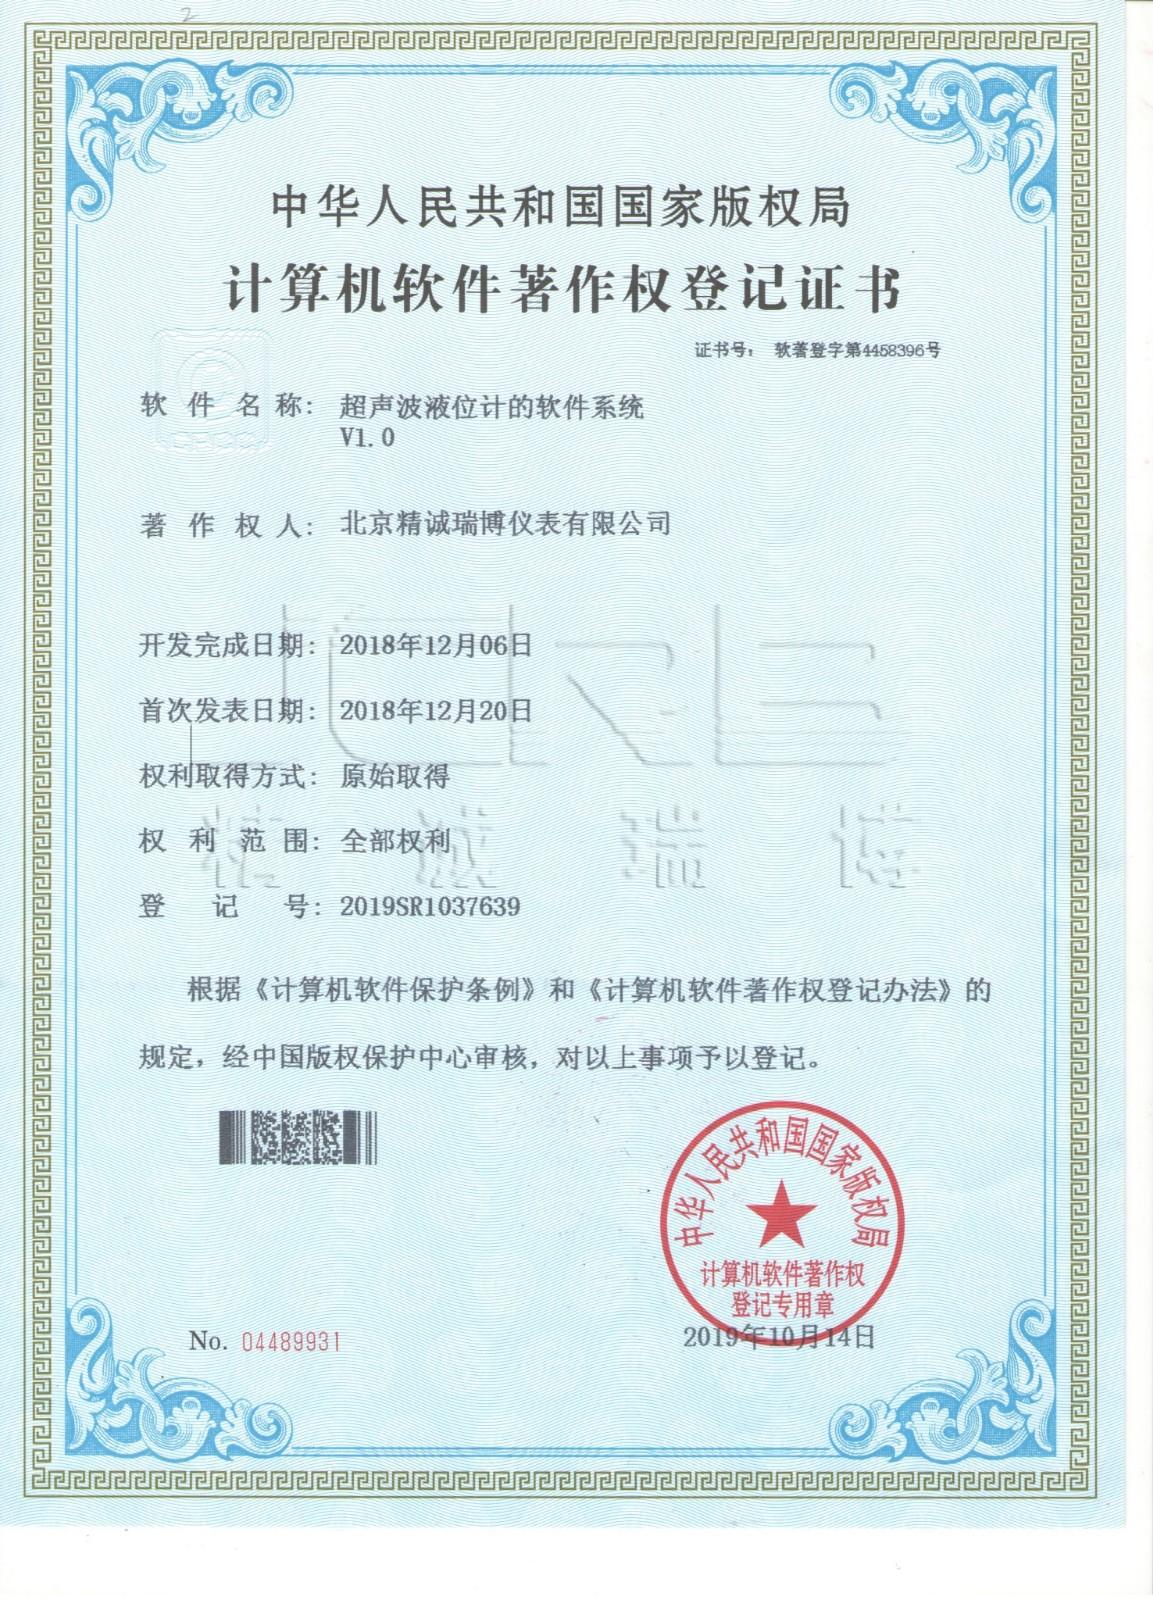 超声波液位计软件系统著作权证书